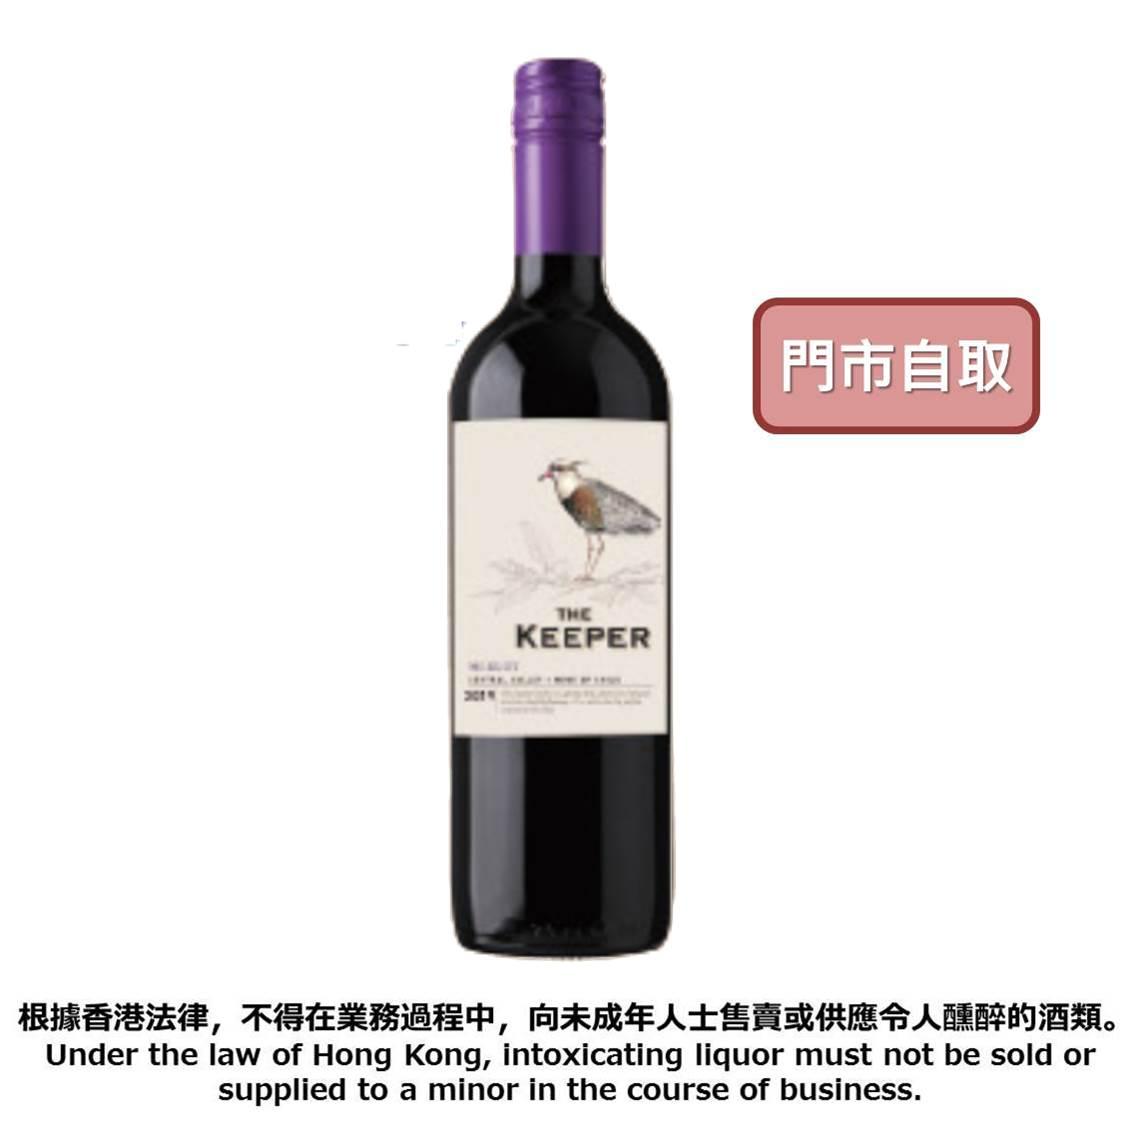 THE KEEPER梅鹿紅酒